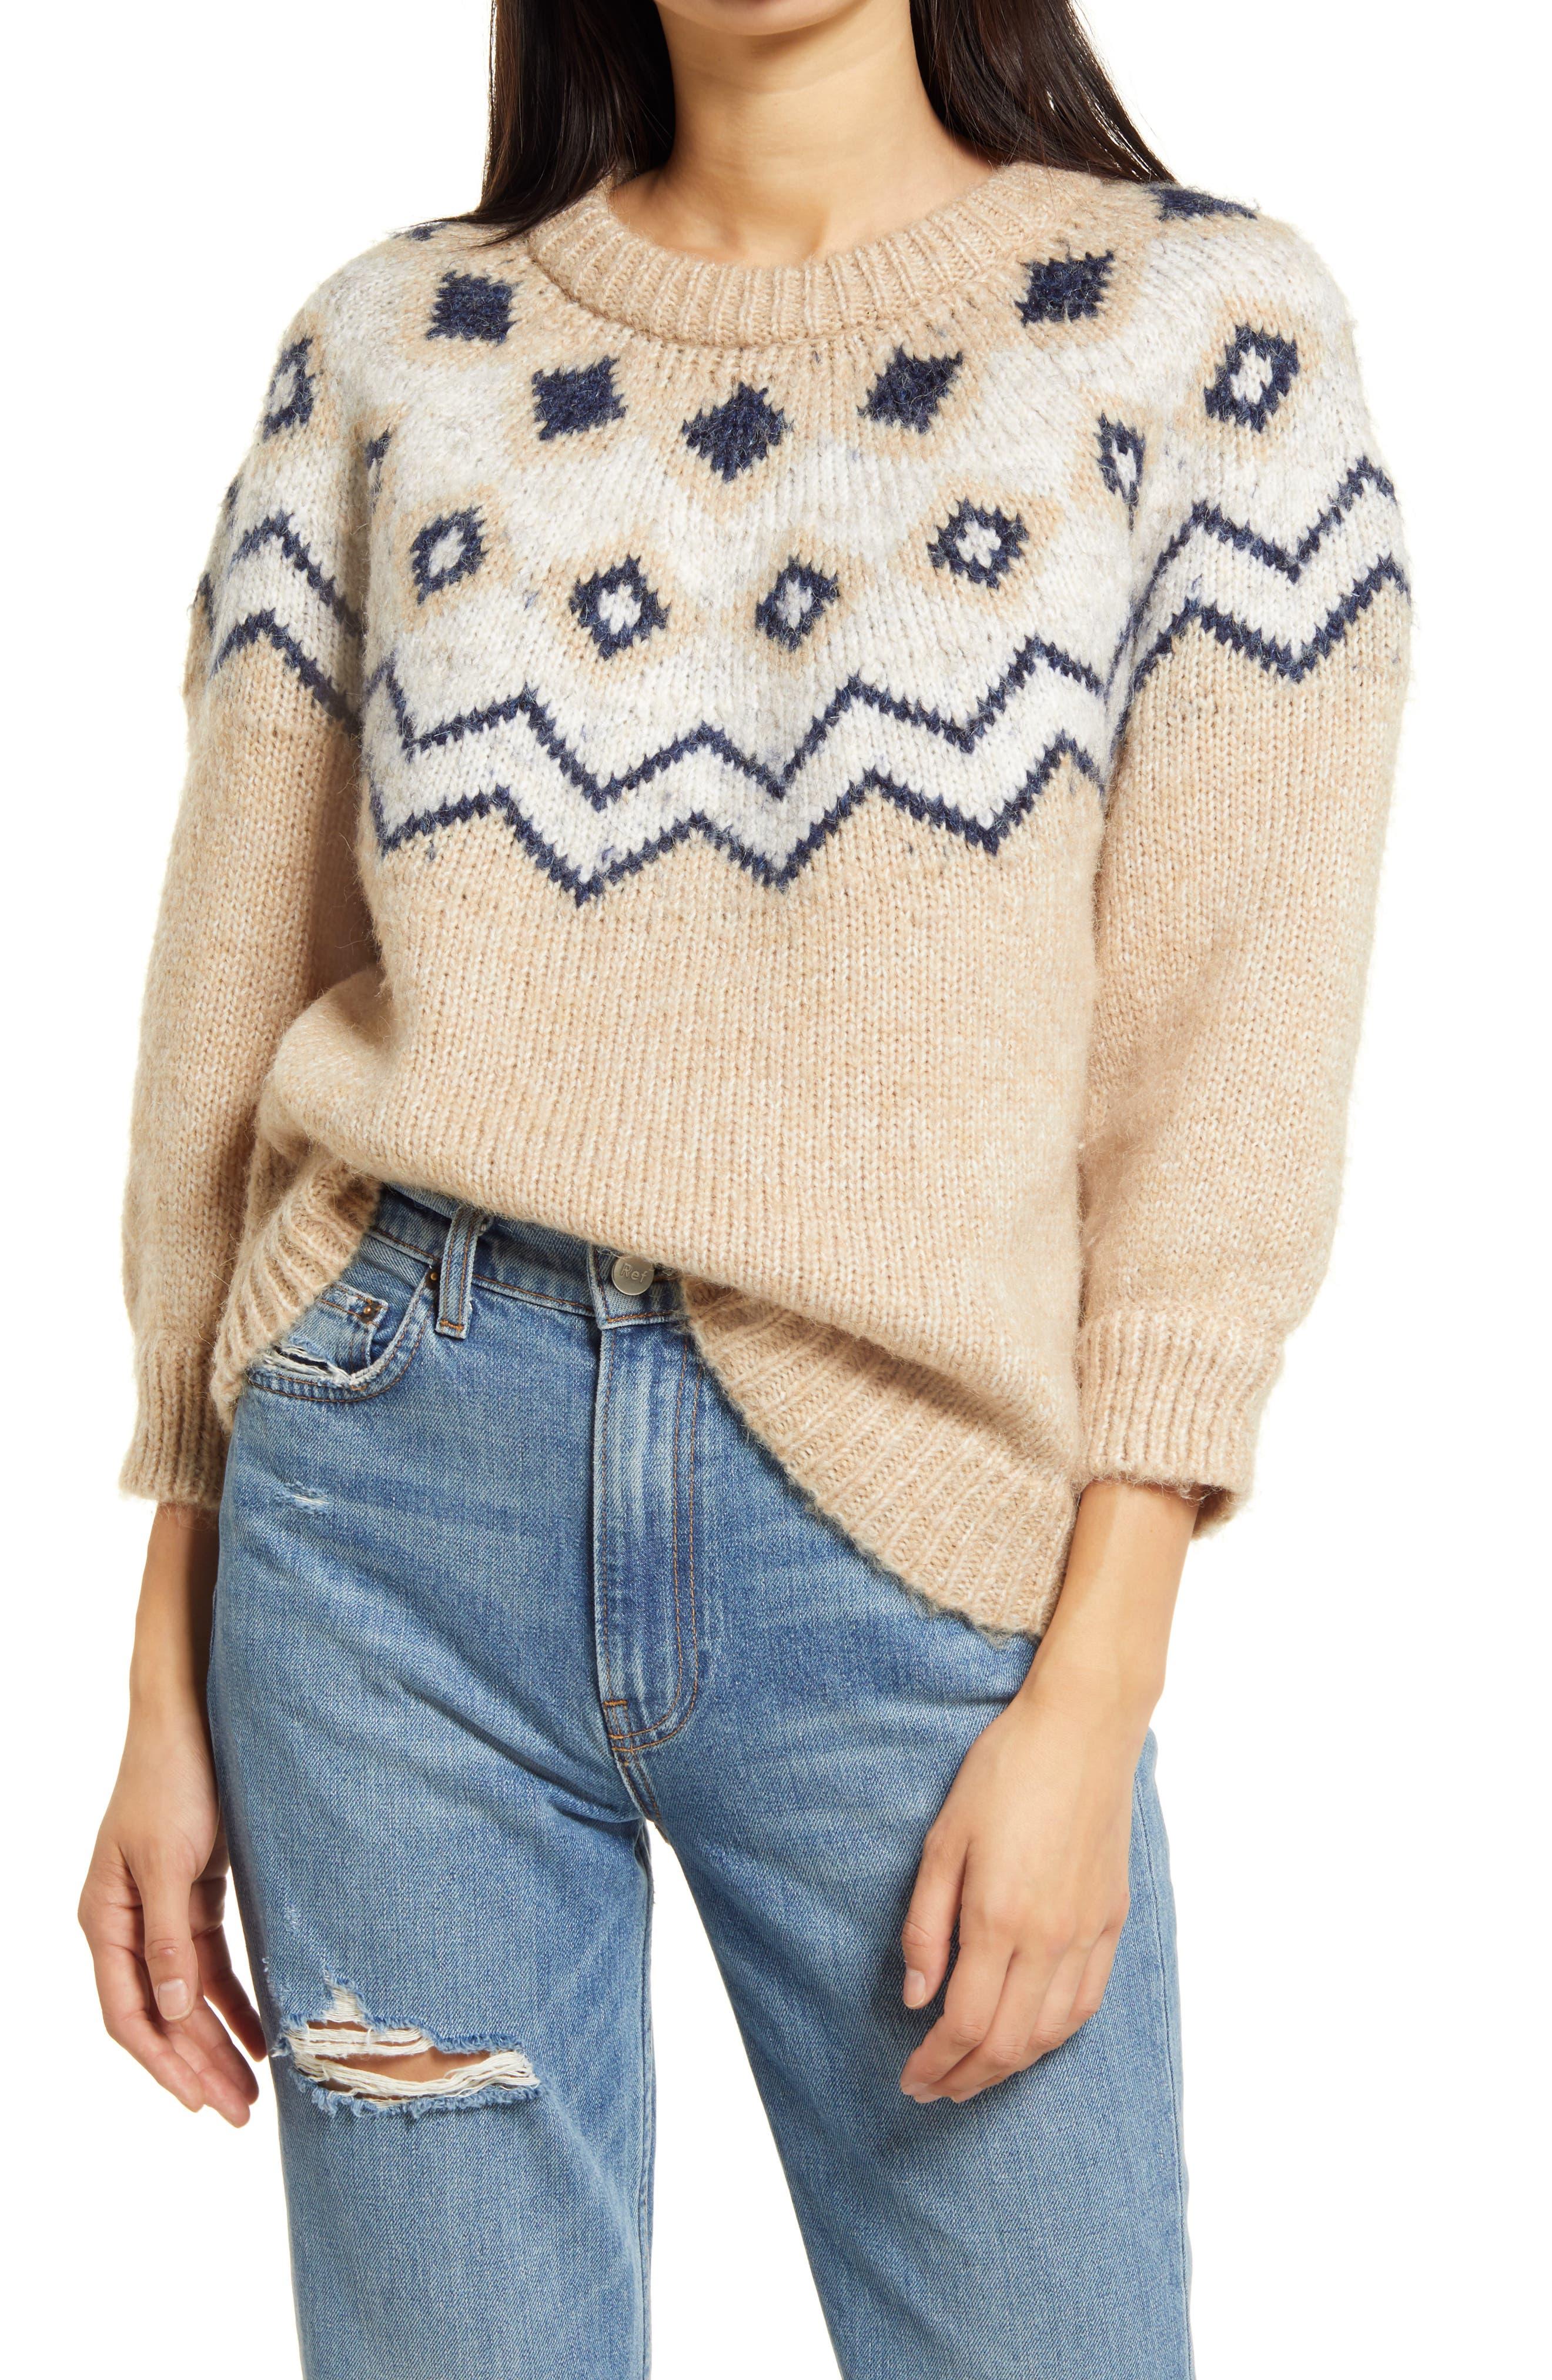 VERO MODA Fairs Fair Isle Crewneck Sweater | Nordstrom